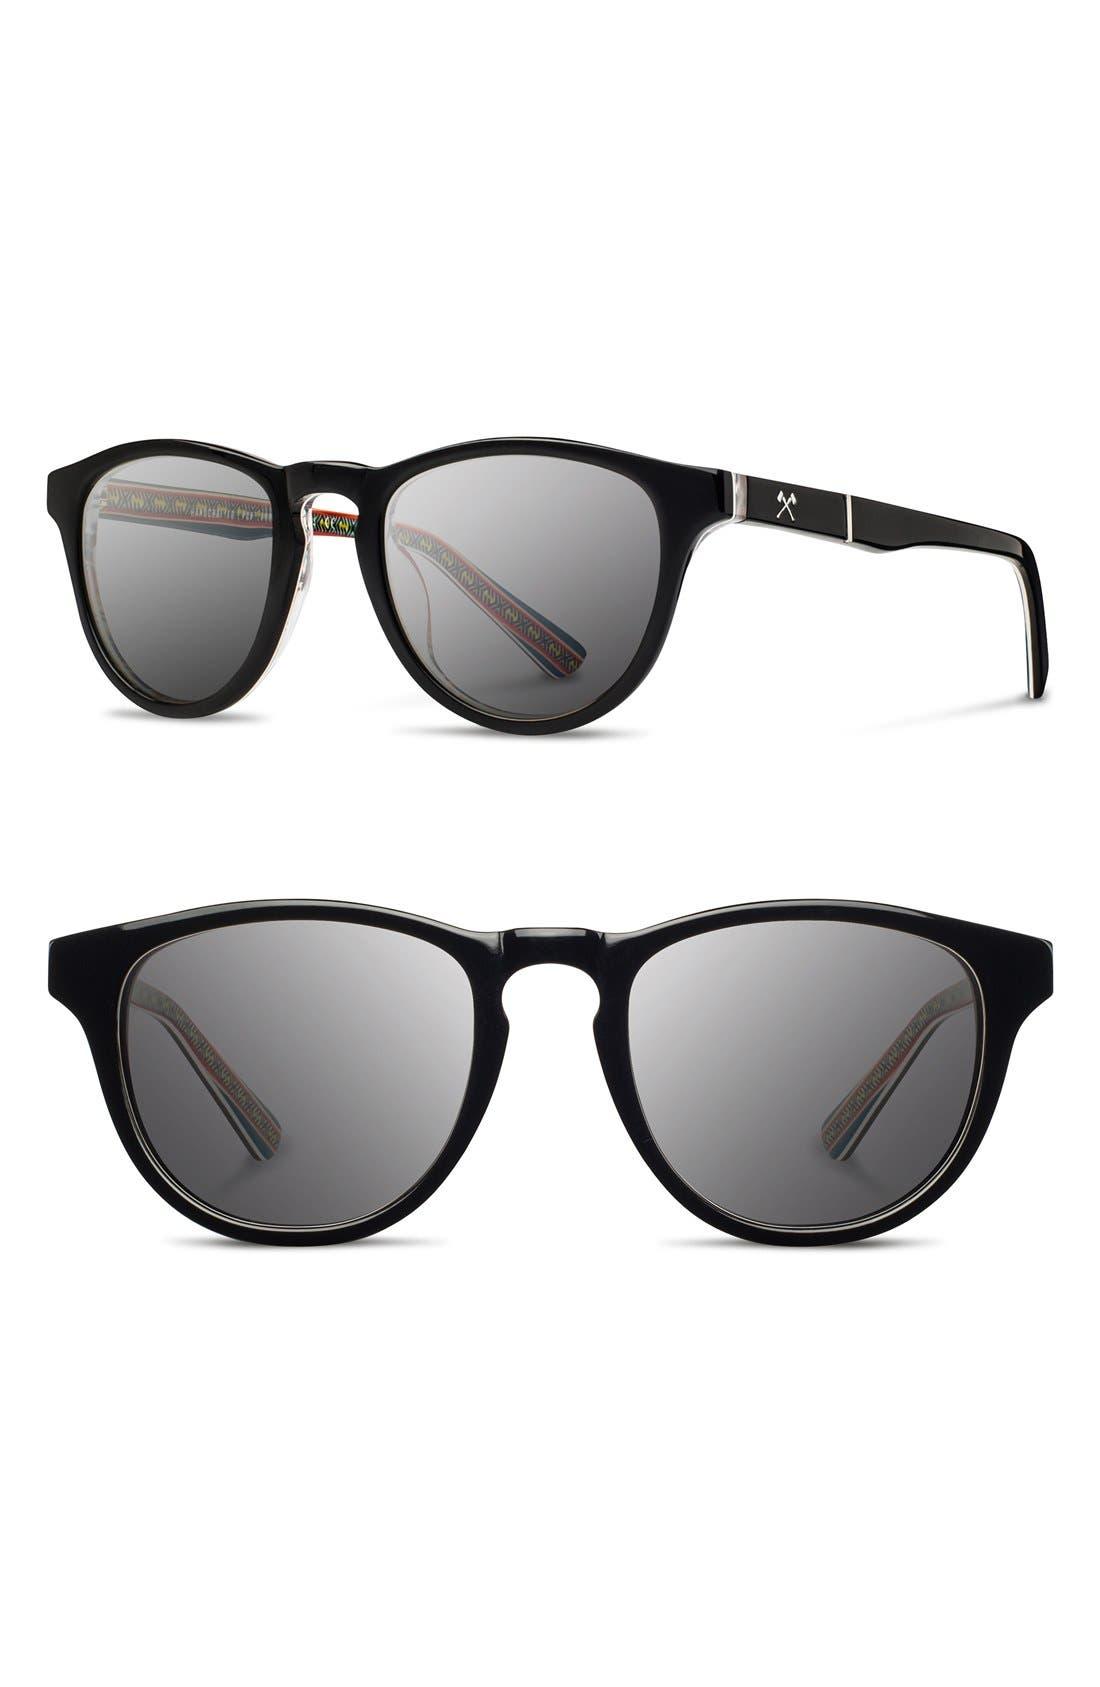 Shwood 'Francis - Pendleton' 48mm Polarized Sunglasses